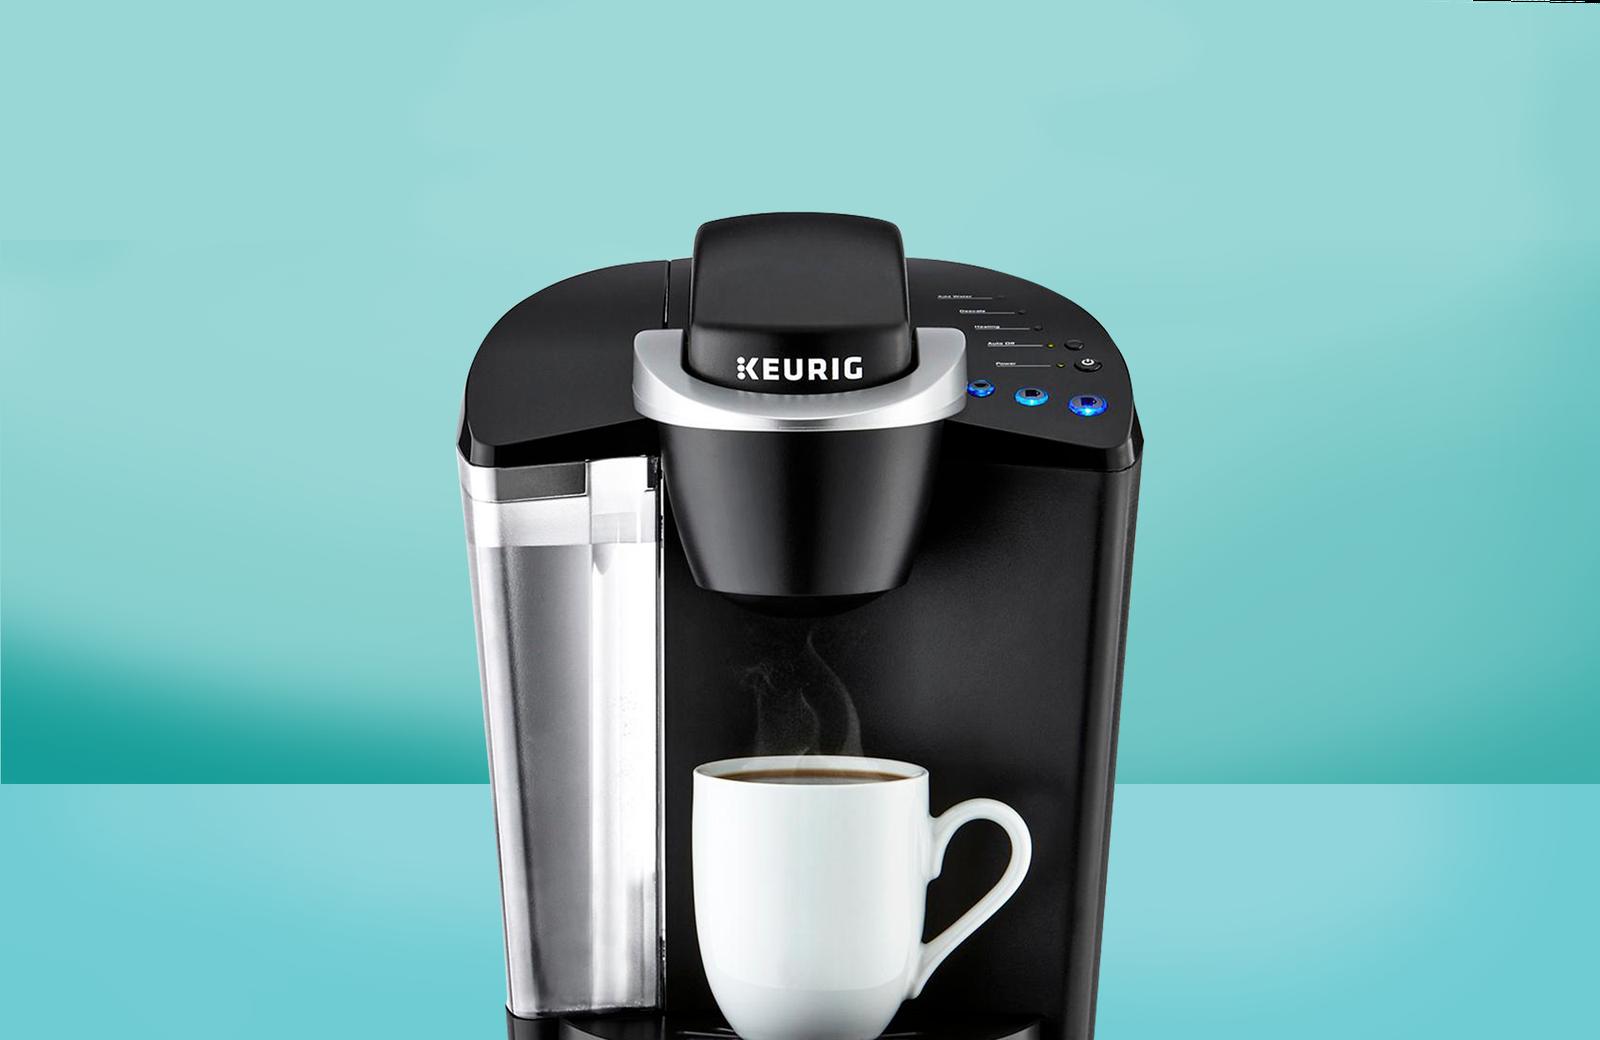 Keurig® K575 Coffee Maker Keurig® Hot Brewer Free standard